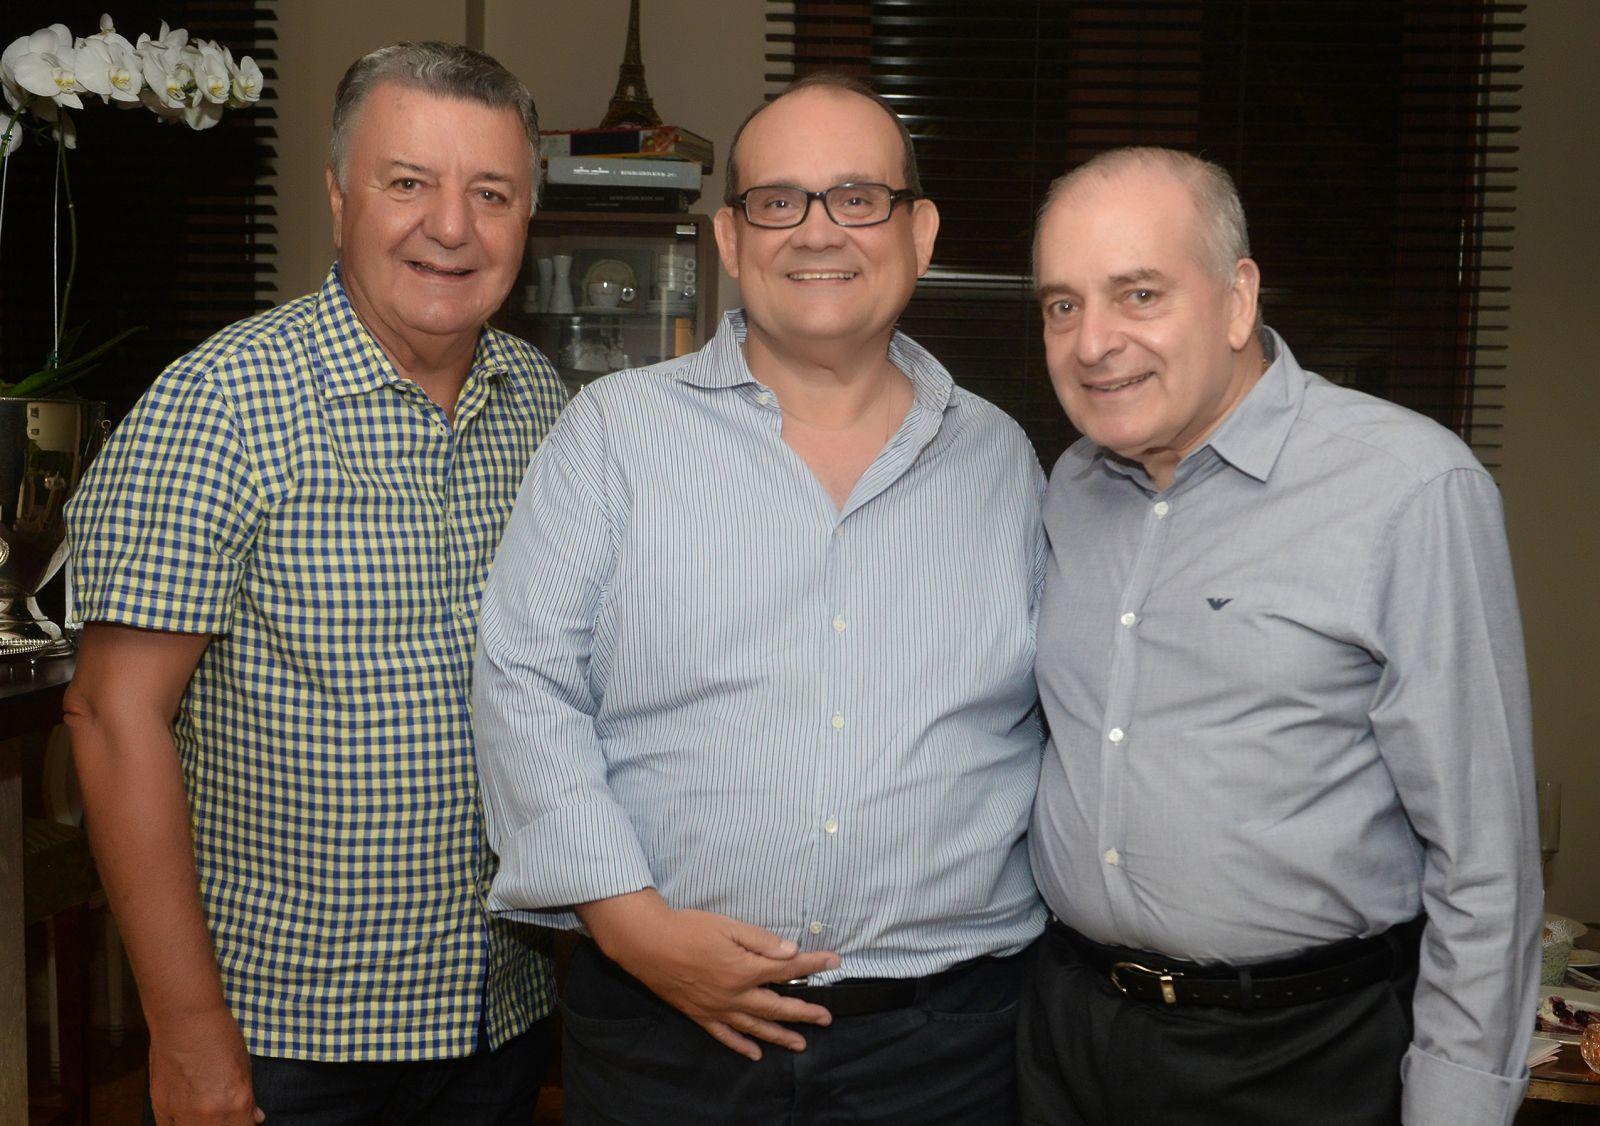 Arlete Magalhães passou da morte física para a vida espiritual, meus pêsames à família Magalhães